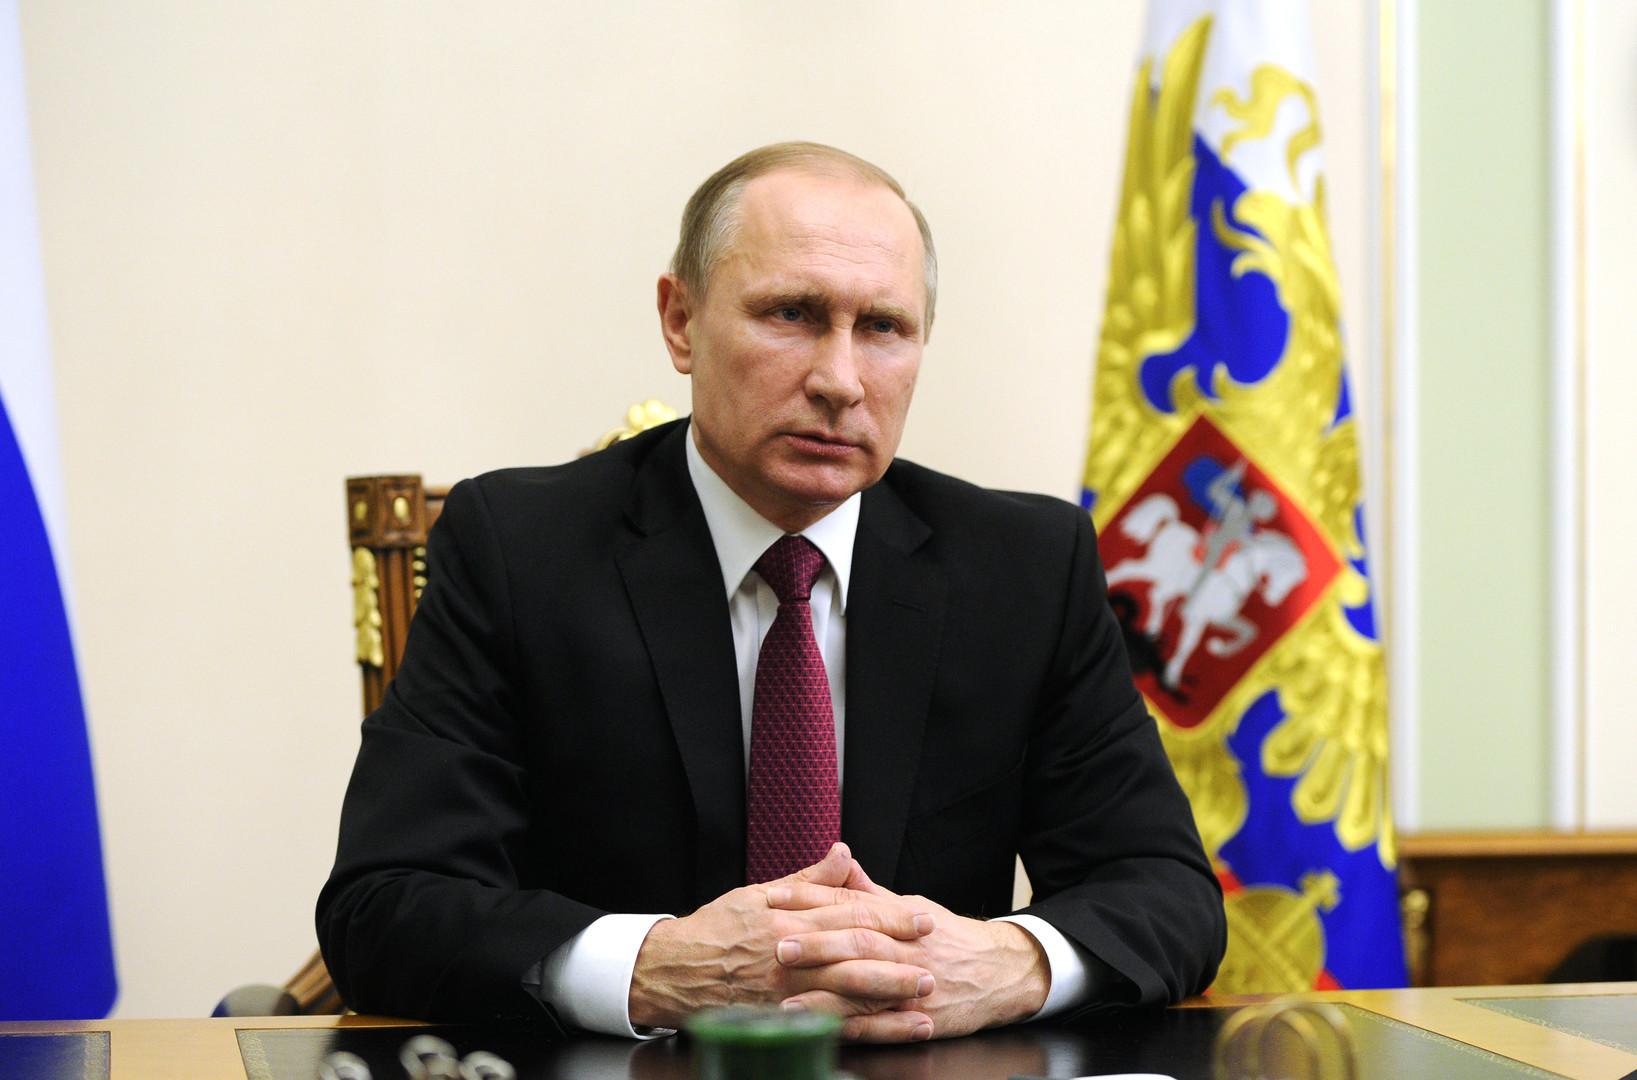 Le 22 février 2016, Vladimir Poutine annonce un accord entre la Russie et les Etats-Unis pour un cessez-le-feu en Syrie